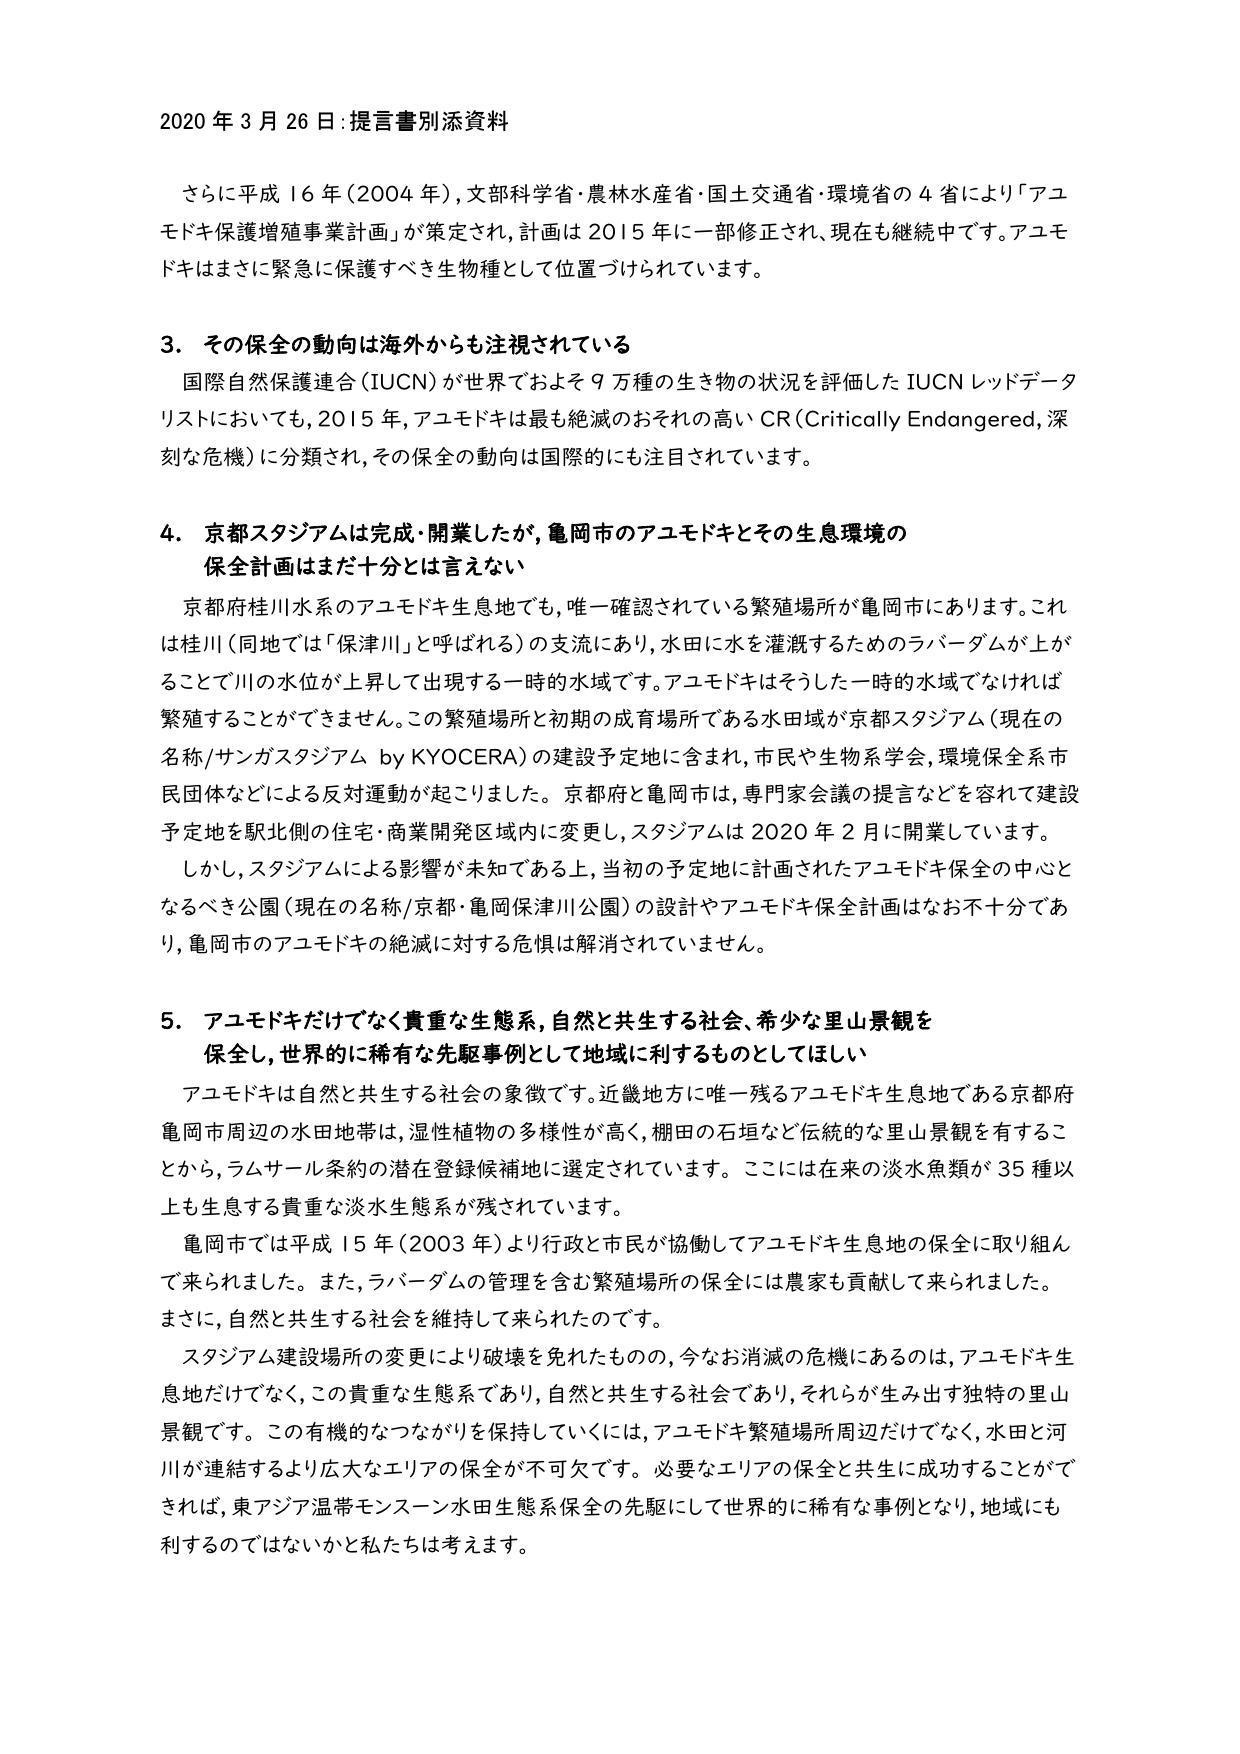 アユモドキ提言書別添資料2